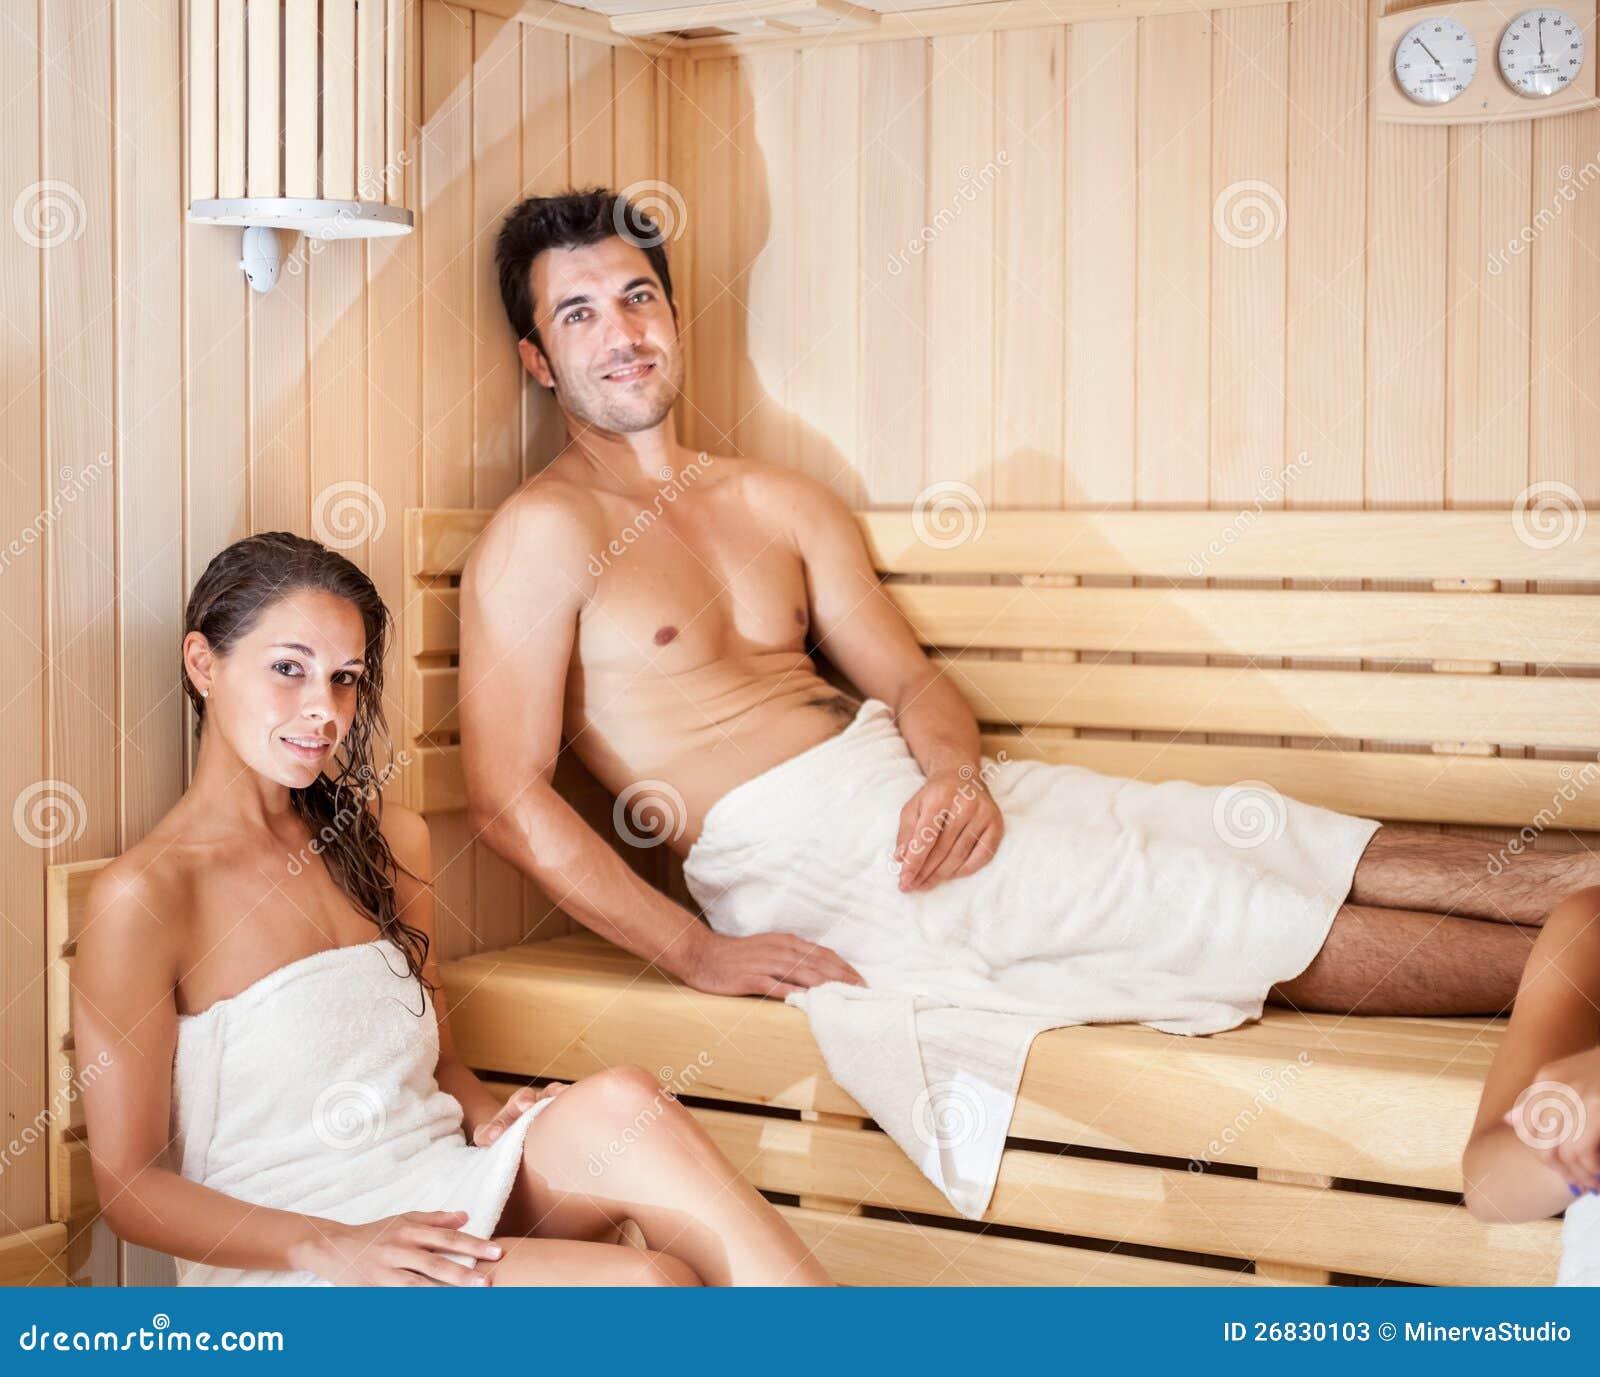 Русские девочки в сауне порно 21 фотография